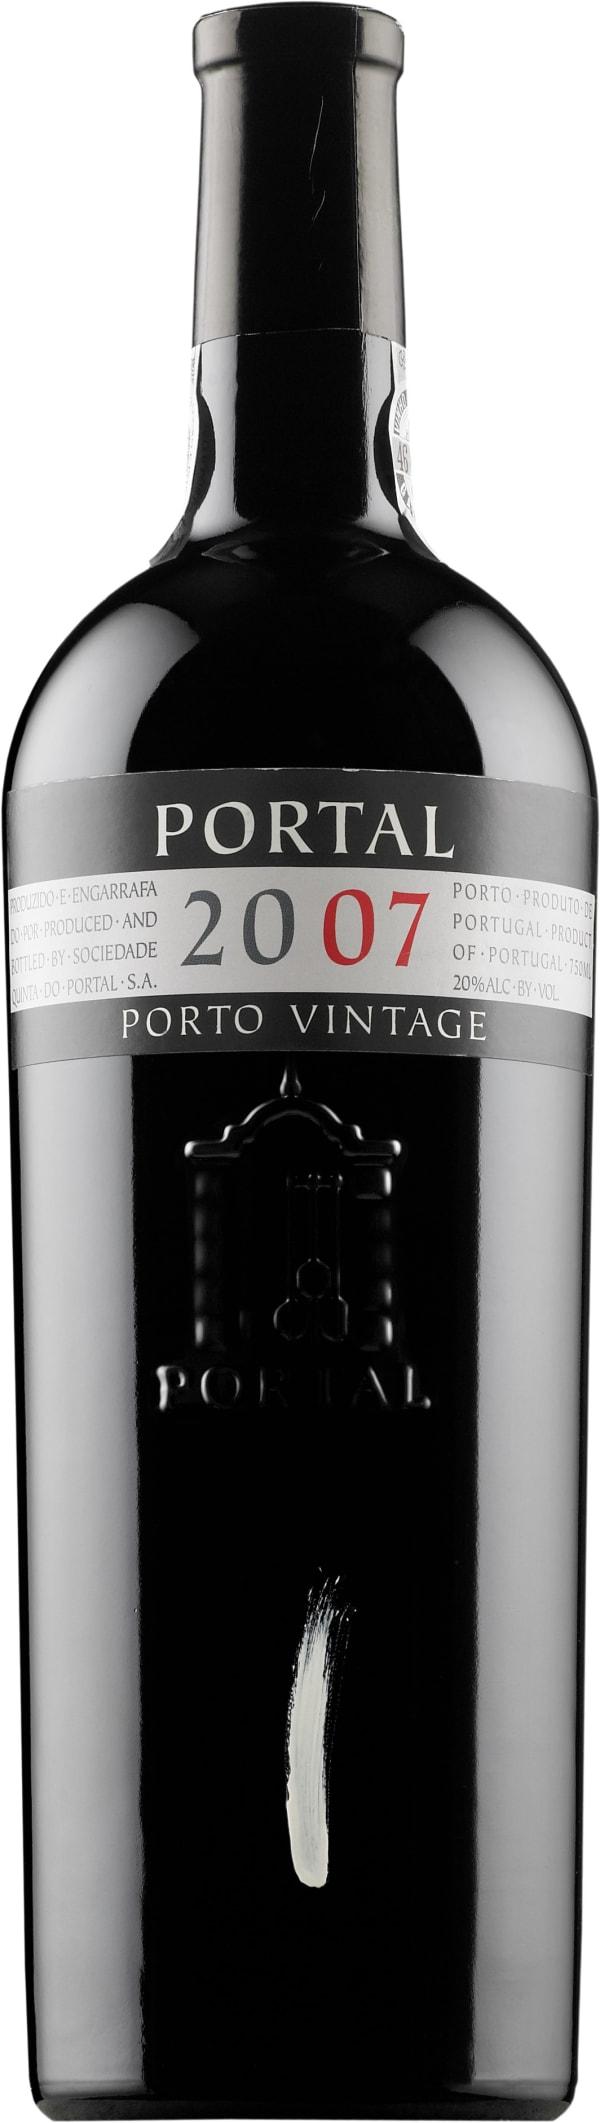 Portal Vintage Port 2007